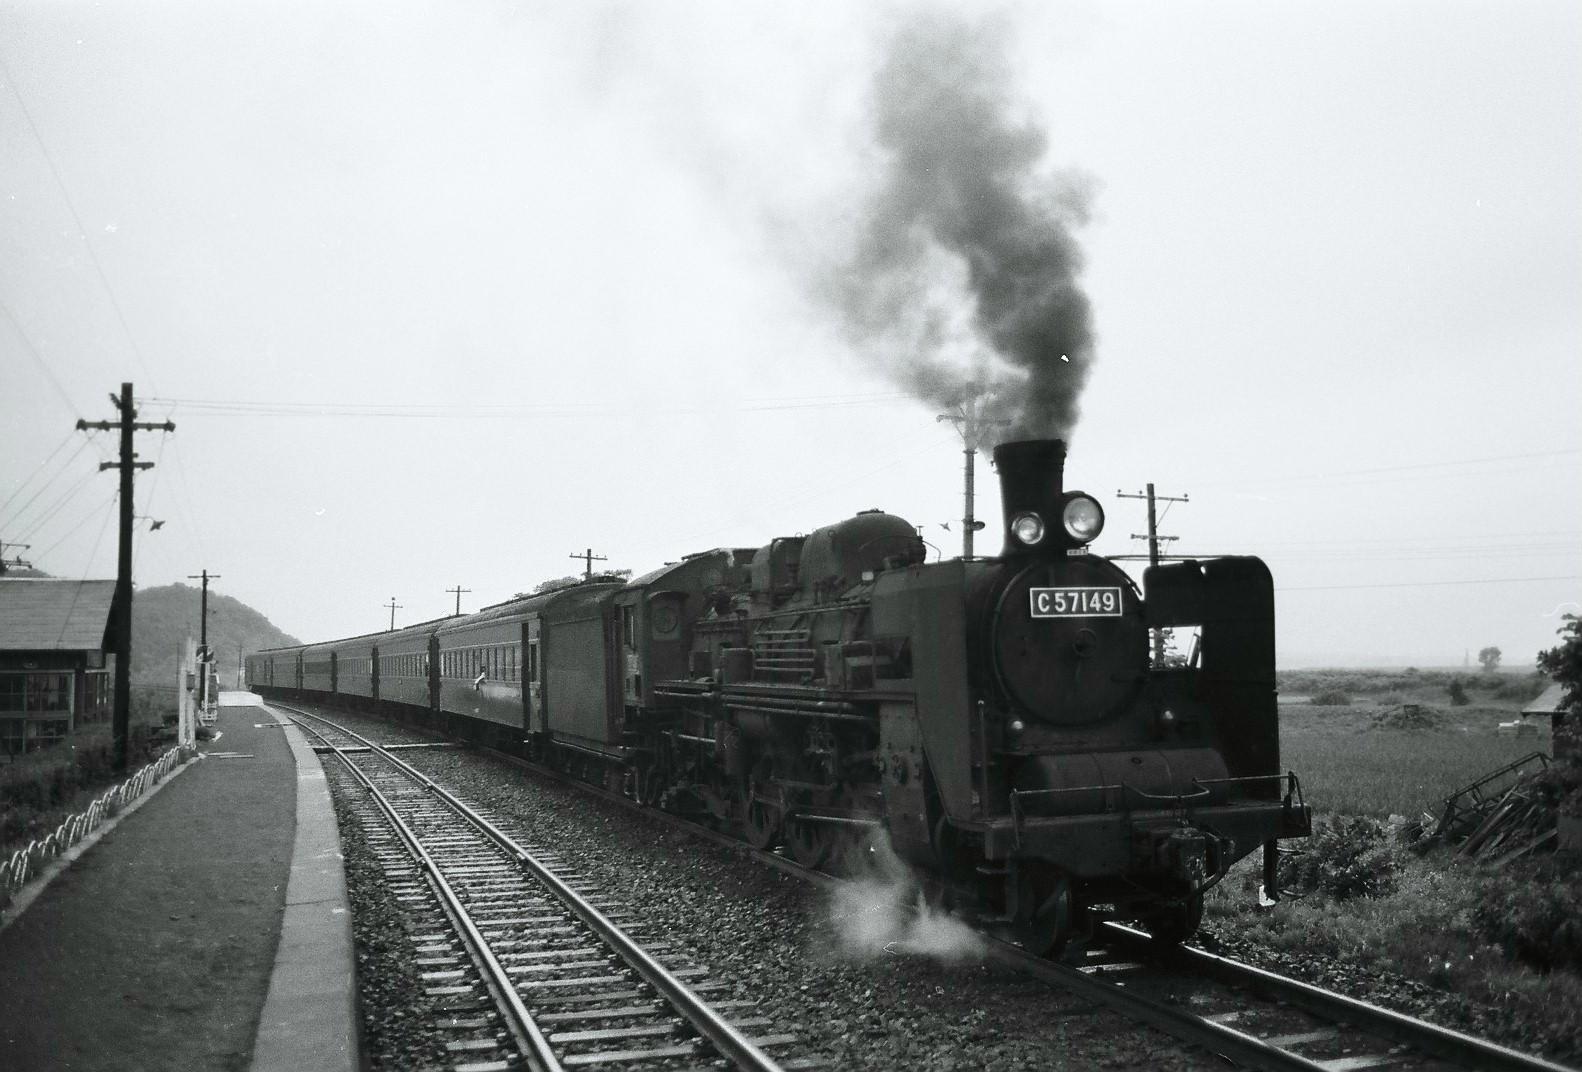 1973年7月、室蘭本線の栗丘駅で撮影された旅客列車。けん引機は、C57形の149号機です。煙突前には、前照灯が2つ。向かって左側の小さな補助灯は、交流電化区間を有する地域独特の装備です。前照灯が球切れした際に電球を交換する際、20000ボルトの高電圧となっている交流電化区間では、架線に触れなくとも感電する恐れがありました。もちろん夜間に前照灯非点灯で走ることは認められていないため、このような補助灯を設置して、万が一の対策としていたそうです。前照灯の下には、「架線注意」の表記も見られます。149号機は、1974年に廃車。車体も解体されてしまいますが、第1動輪のみが保存され、現在は新潟県の新津駅付近で展示されています。